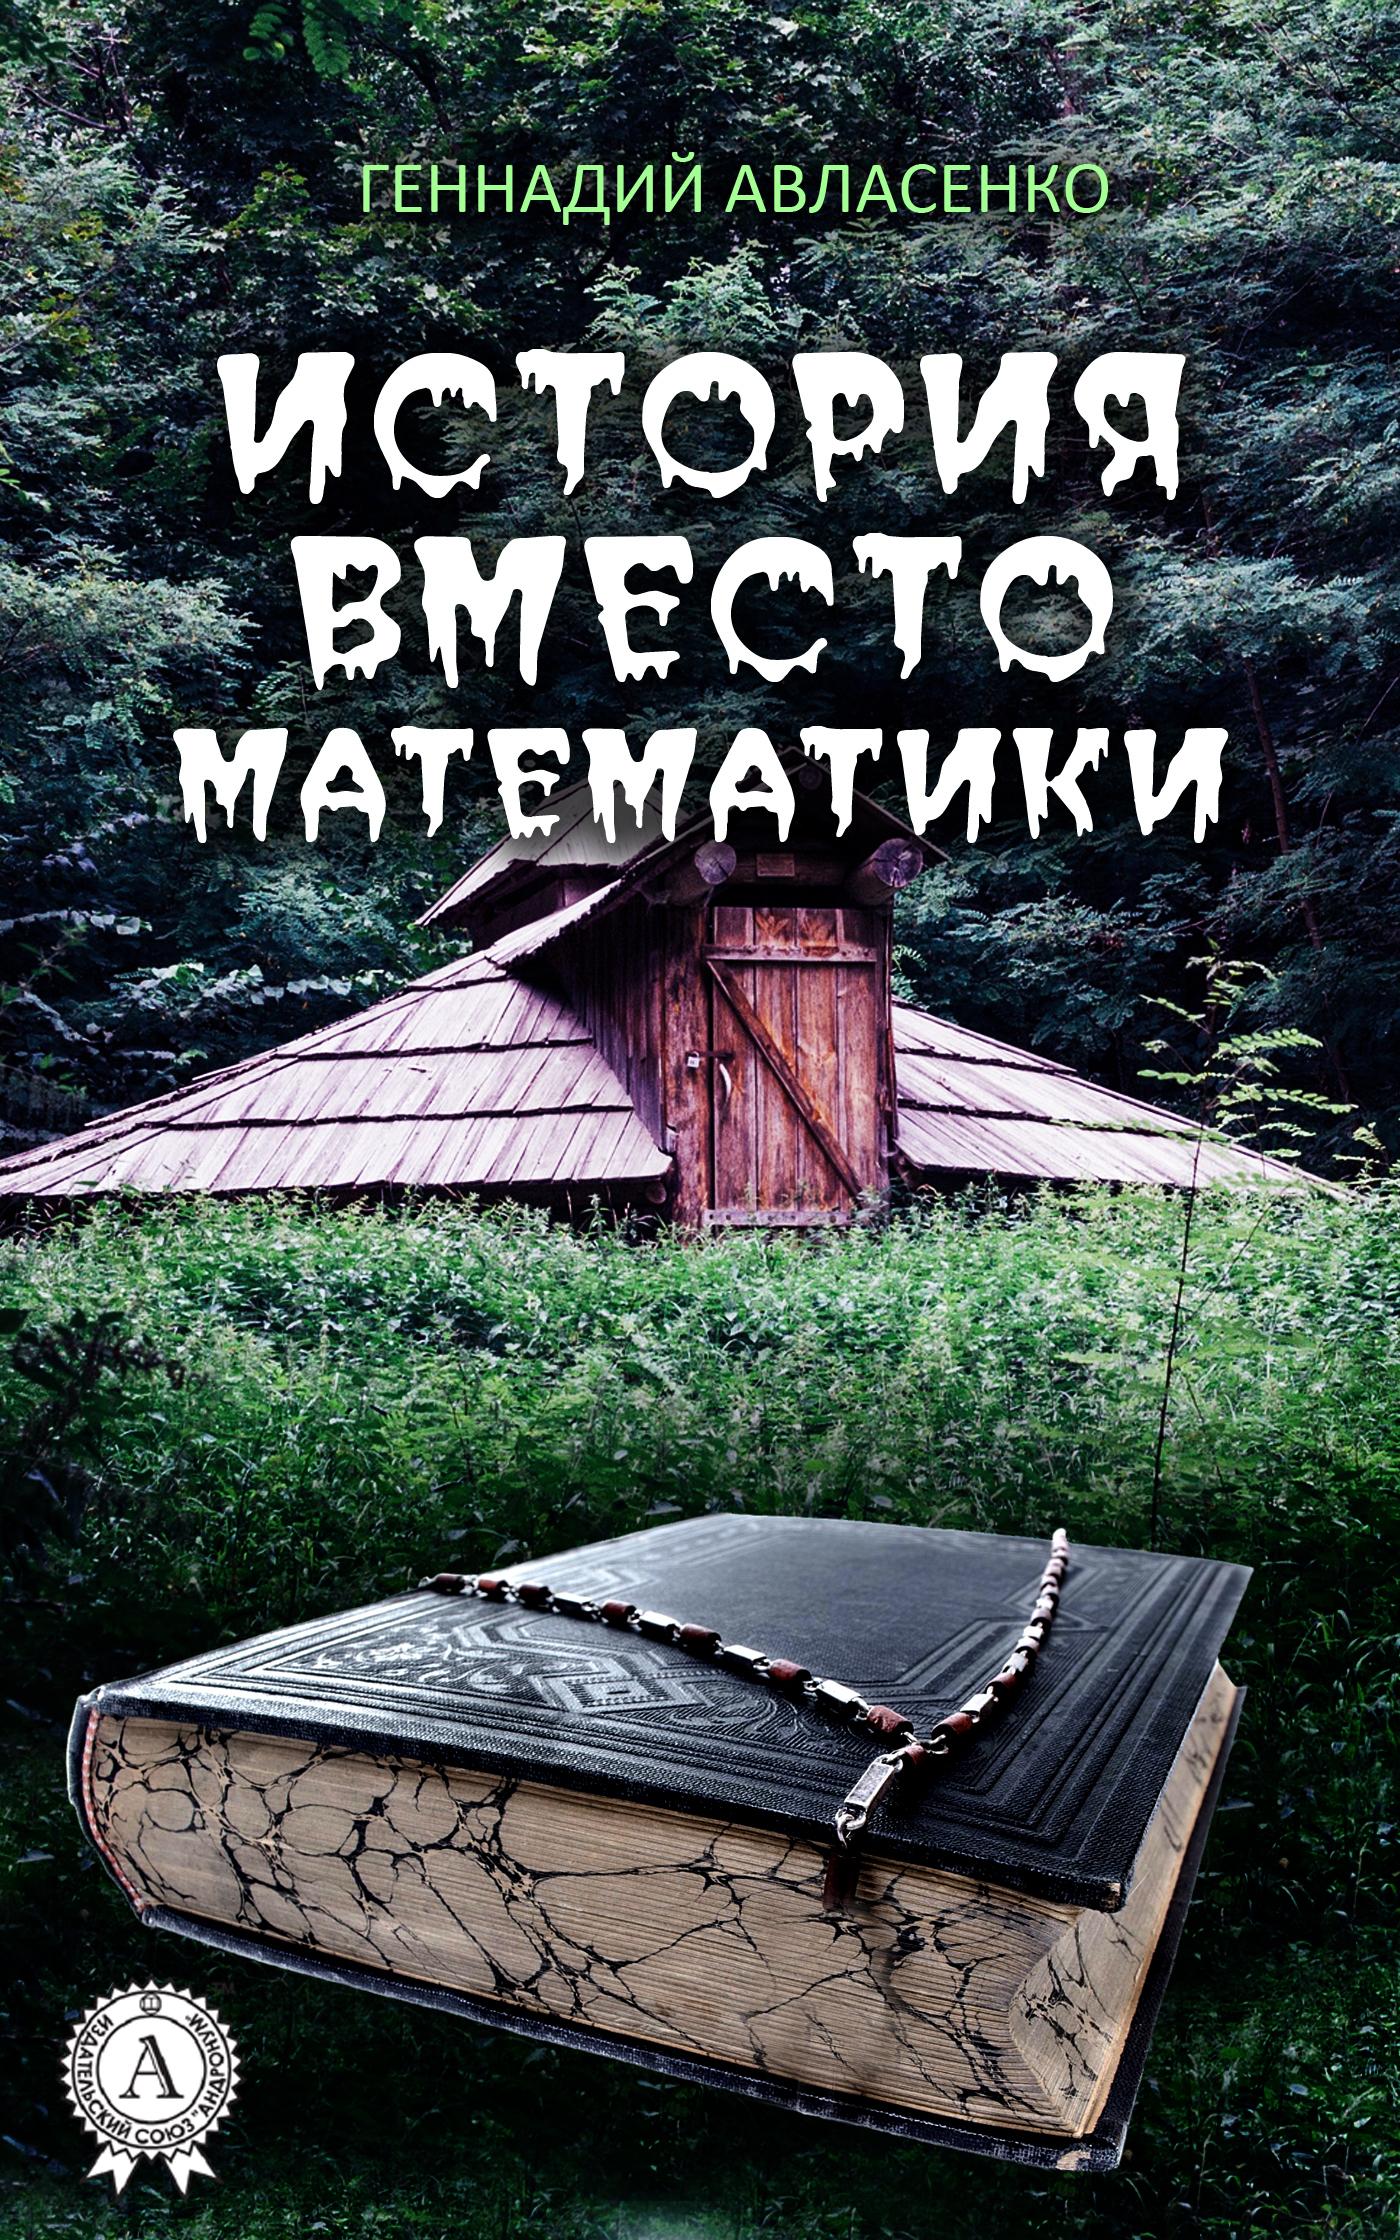 Фото - Геннадий Авласенко История вместо математики геннадий авласенко птичьи разговоры